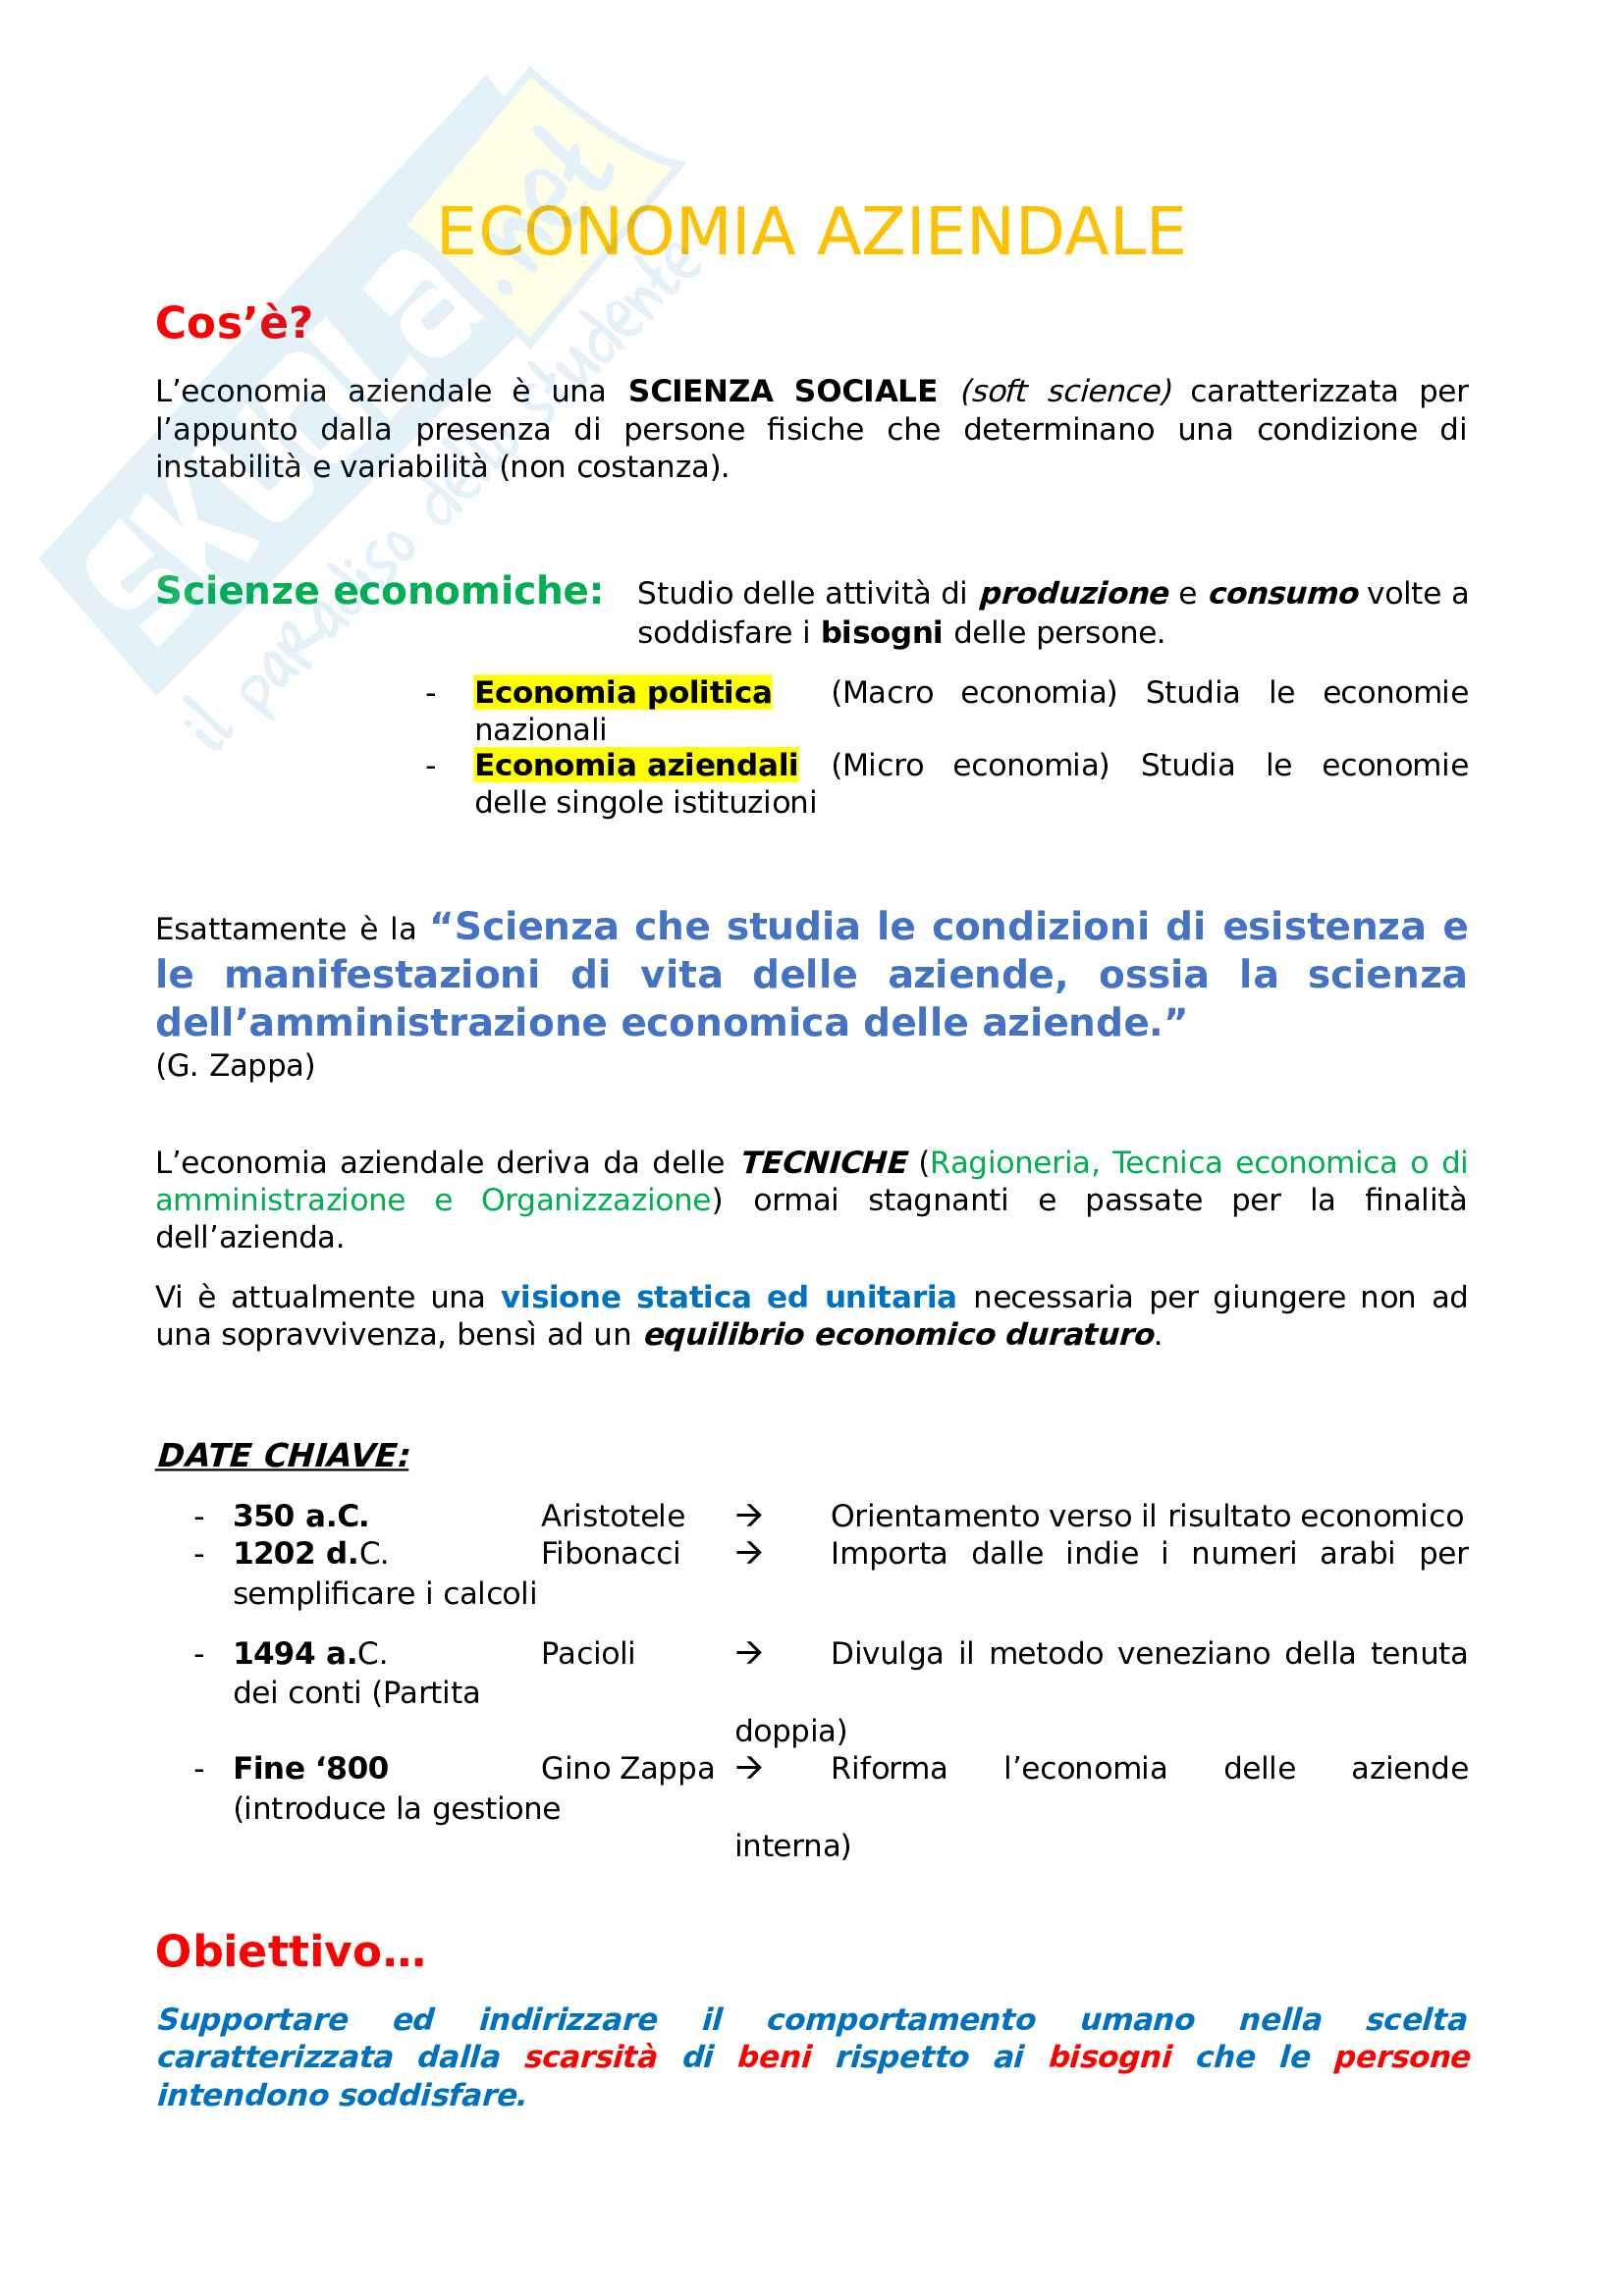 Economia Aziendale - dalla Struttura Aziendale all'Assetto Organizzativo (pt 1)